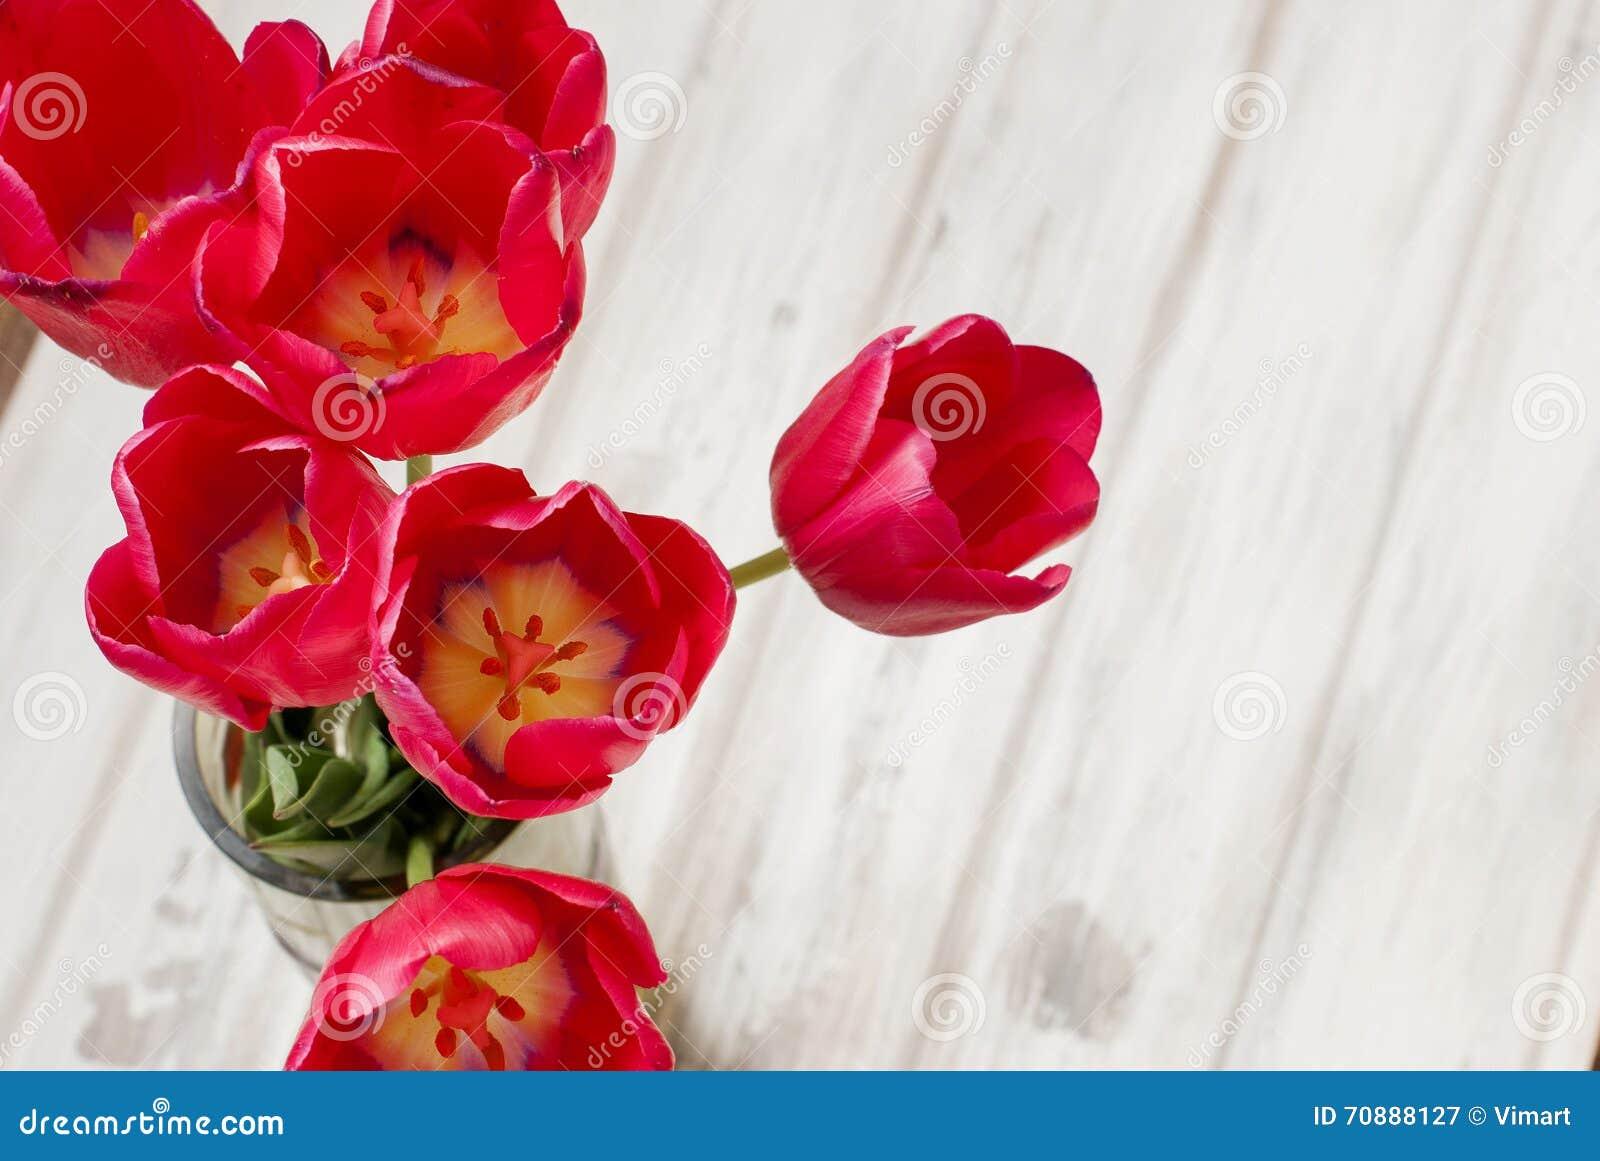 春天开花红色郁金香ina花瓶